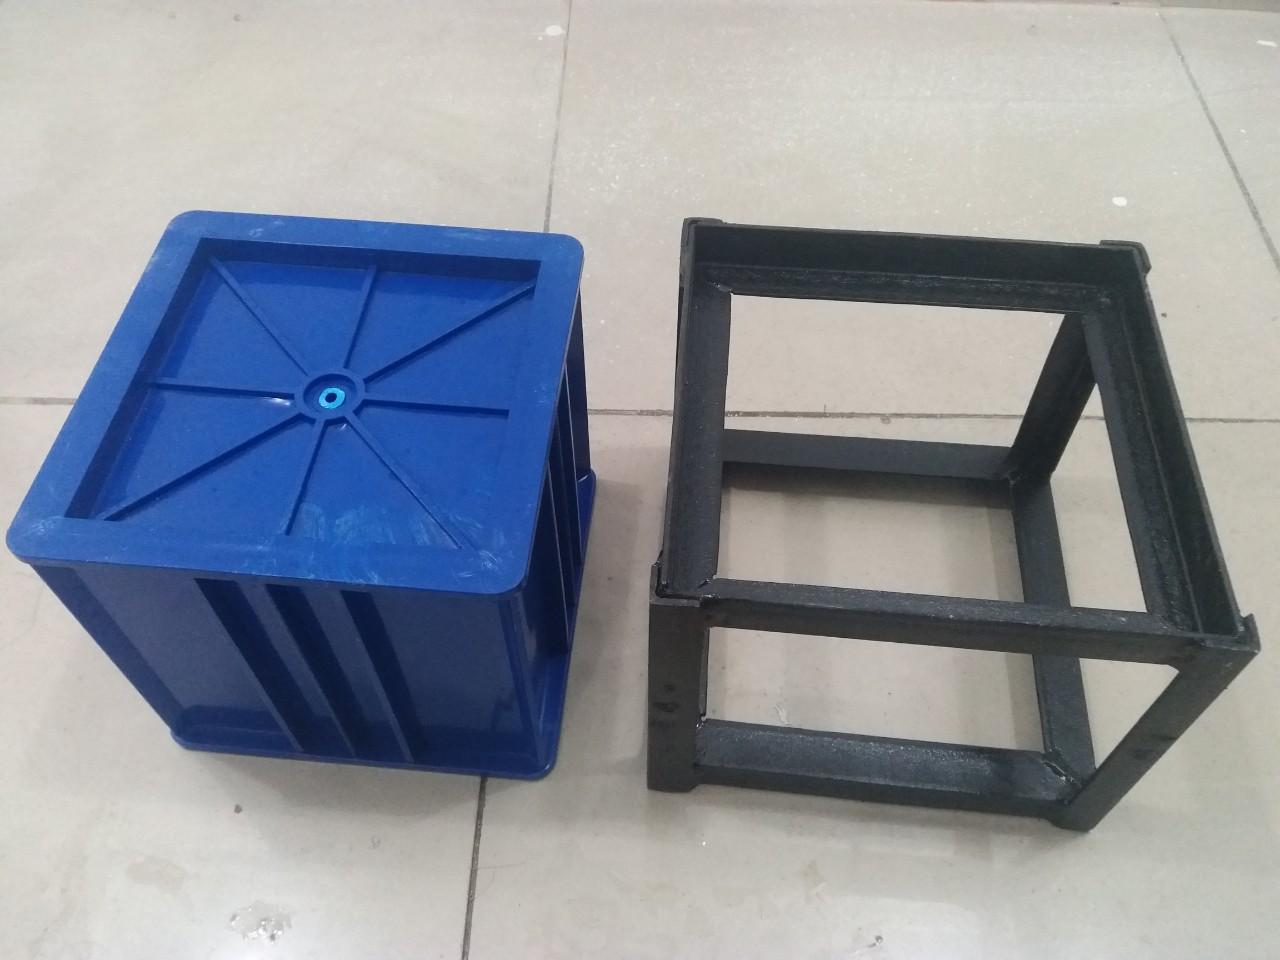 Dụng cụ lấy mẫu bê tông nhựa 15x15x15